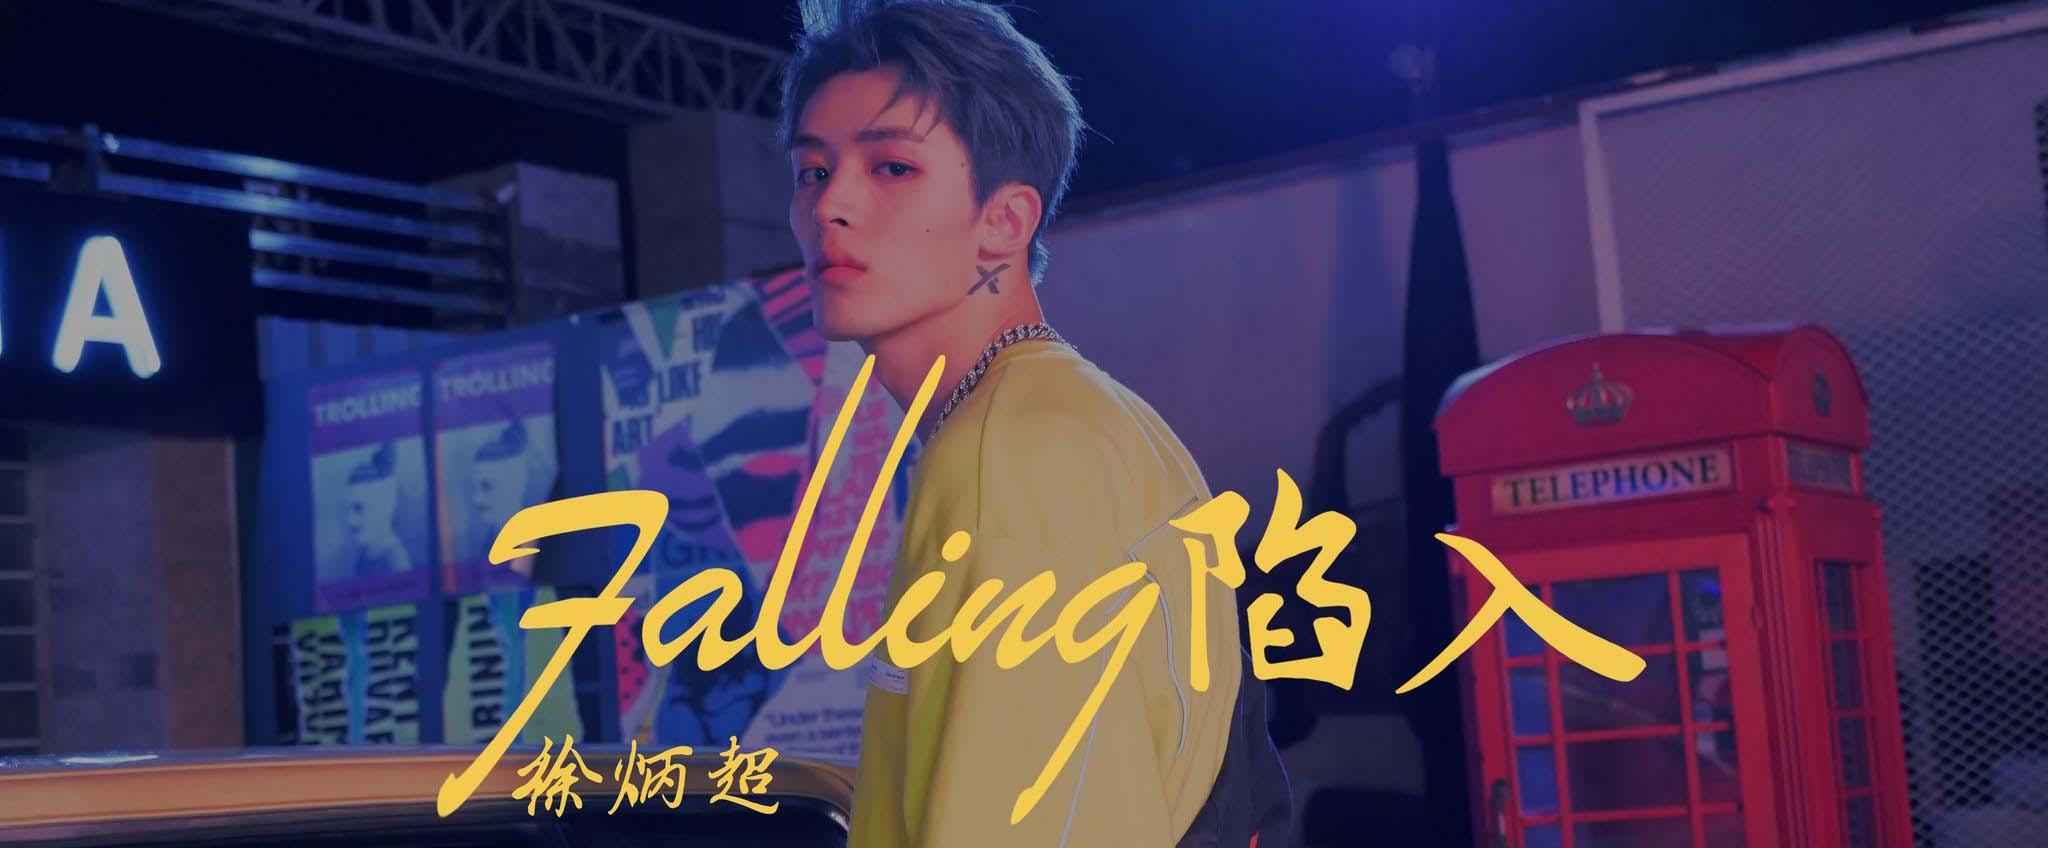 徐炳超首支舞蹈MV《Falling陷入》今日正式上线